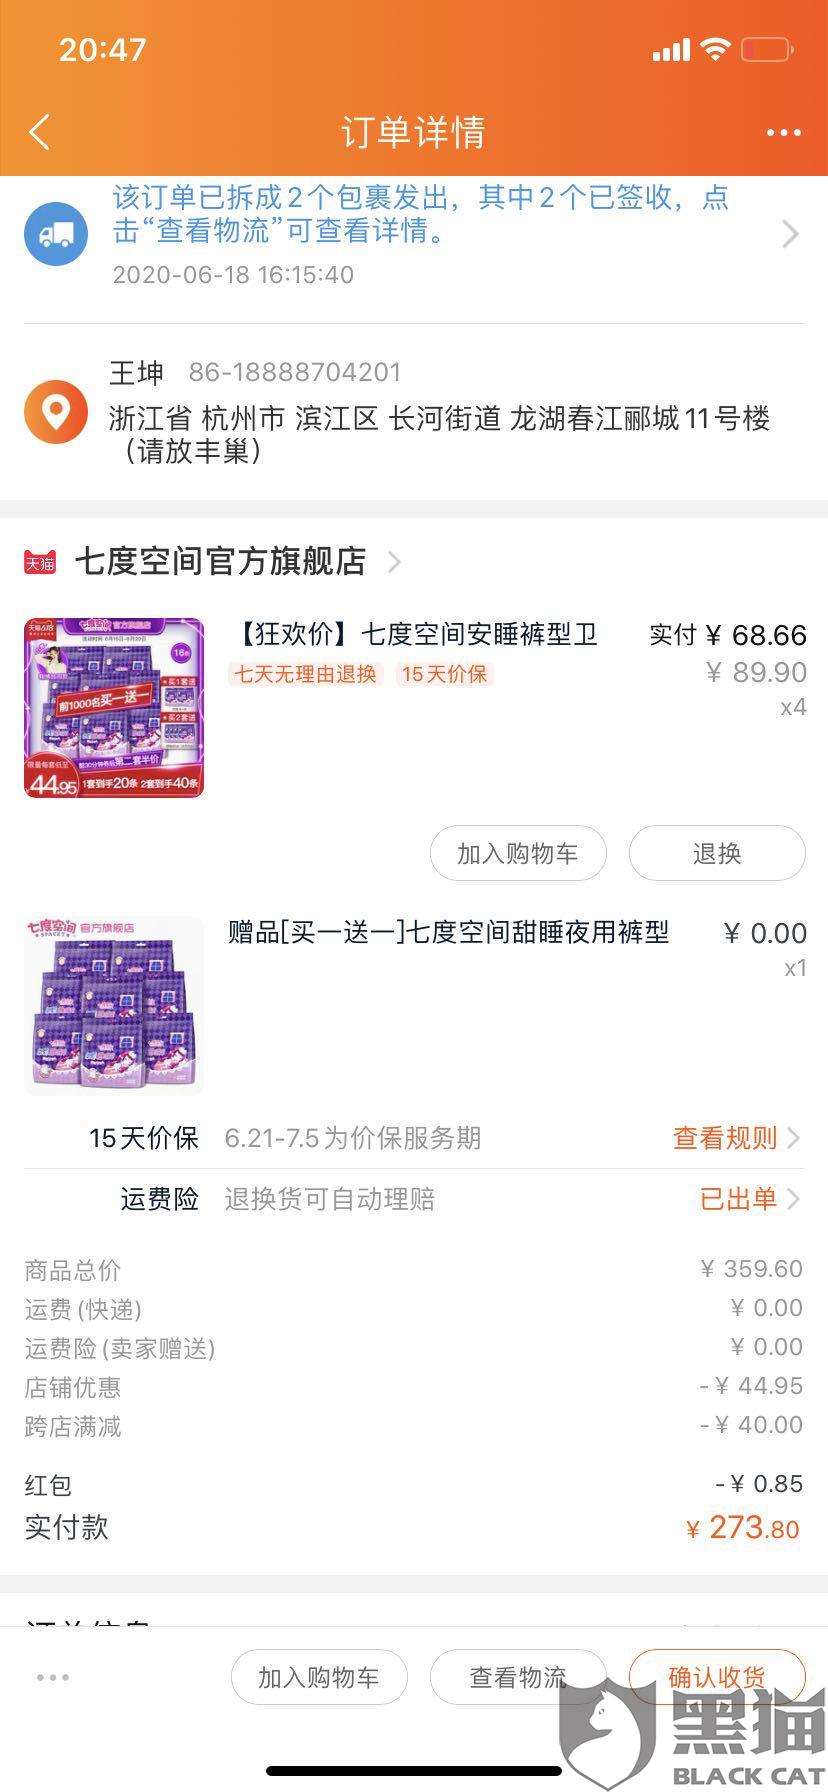 黑猫投诉:天猫平台七度空间官方旗舰店虚假宣传,诱导客户多买,618的0掉去抢优惠